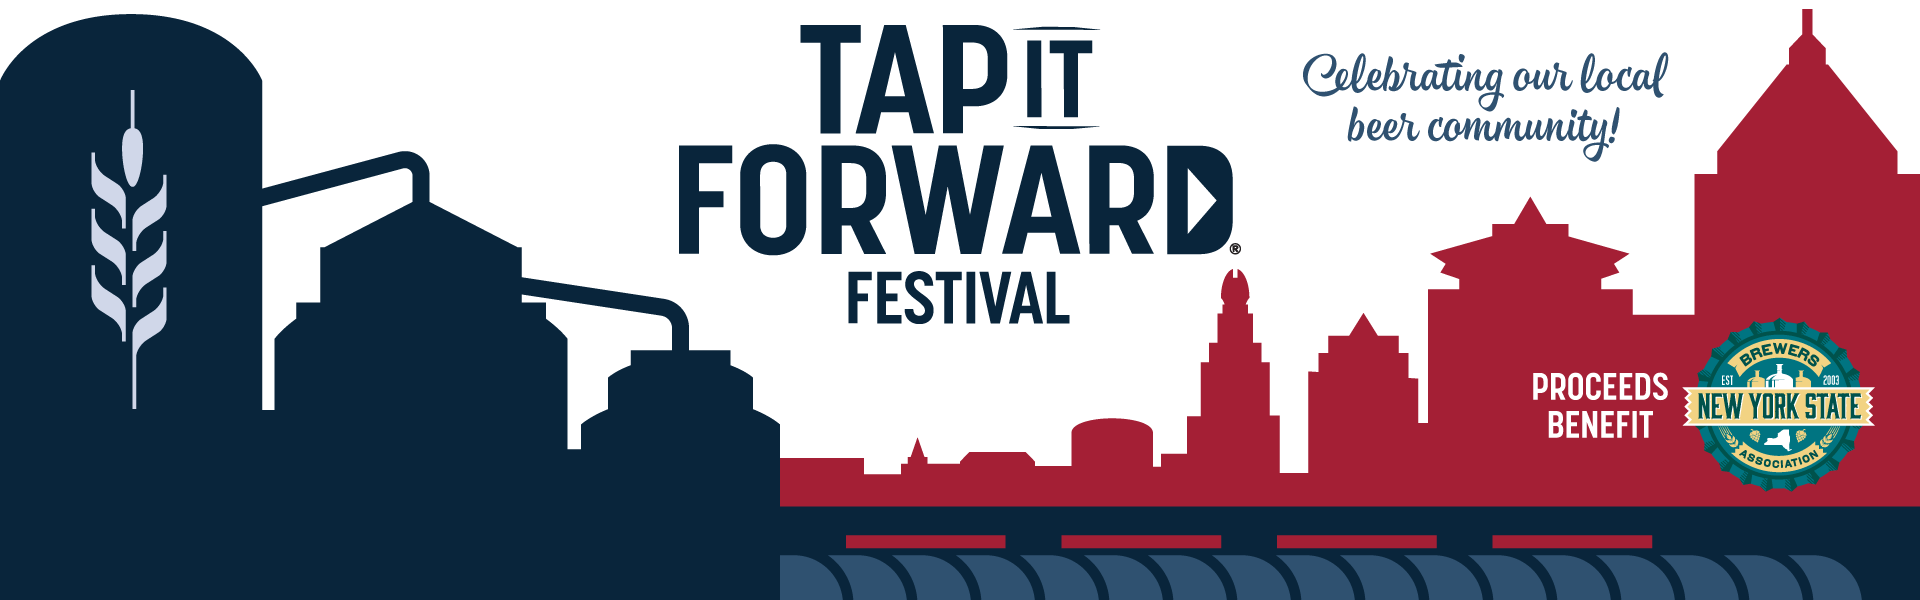 Tap it Forward Festival